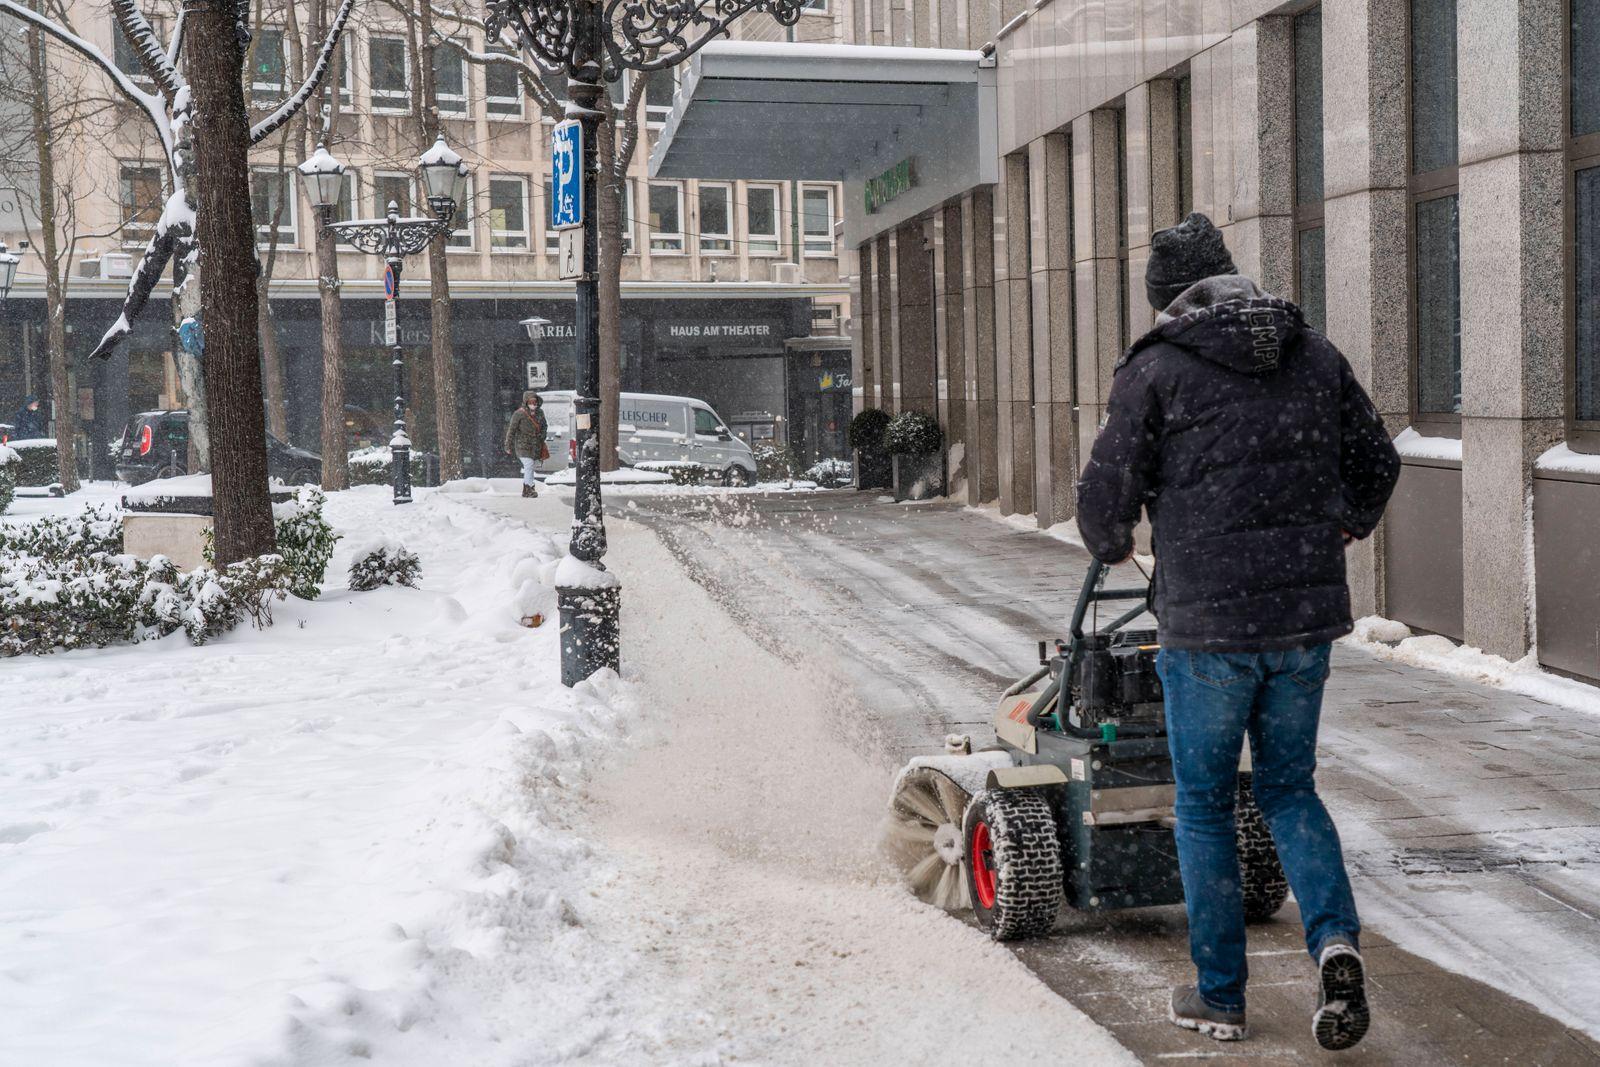 Privater Winterdienst, Schneefeger vor einem Geschäftshaus in der Innenstadt von Essen, Kettwiger Strasse, Wintereinbru